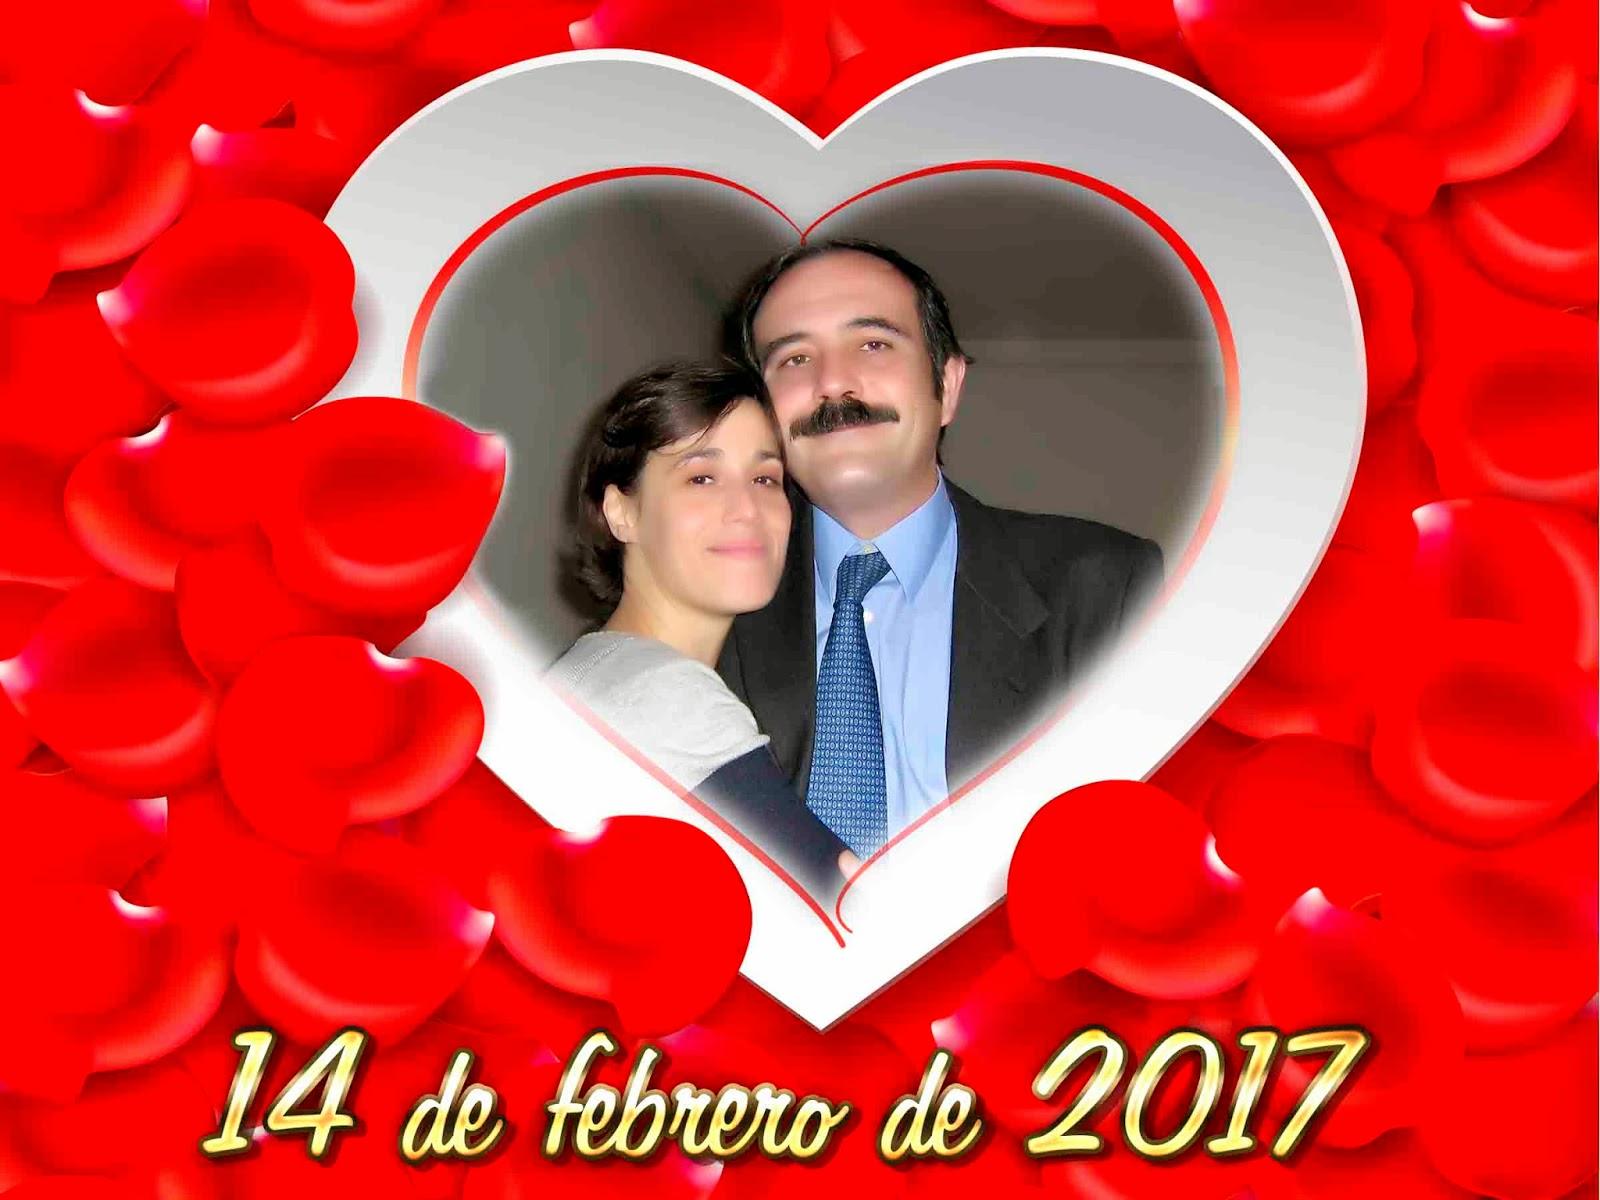 Corazón para tu amor - Marcos en psd y png para descargar gratis.